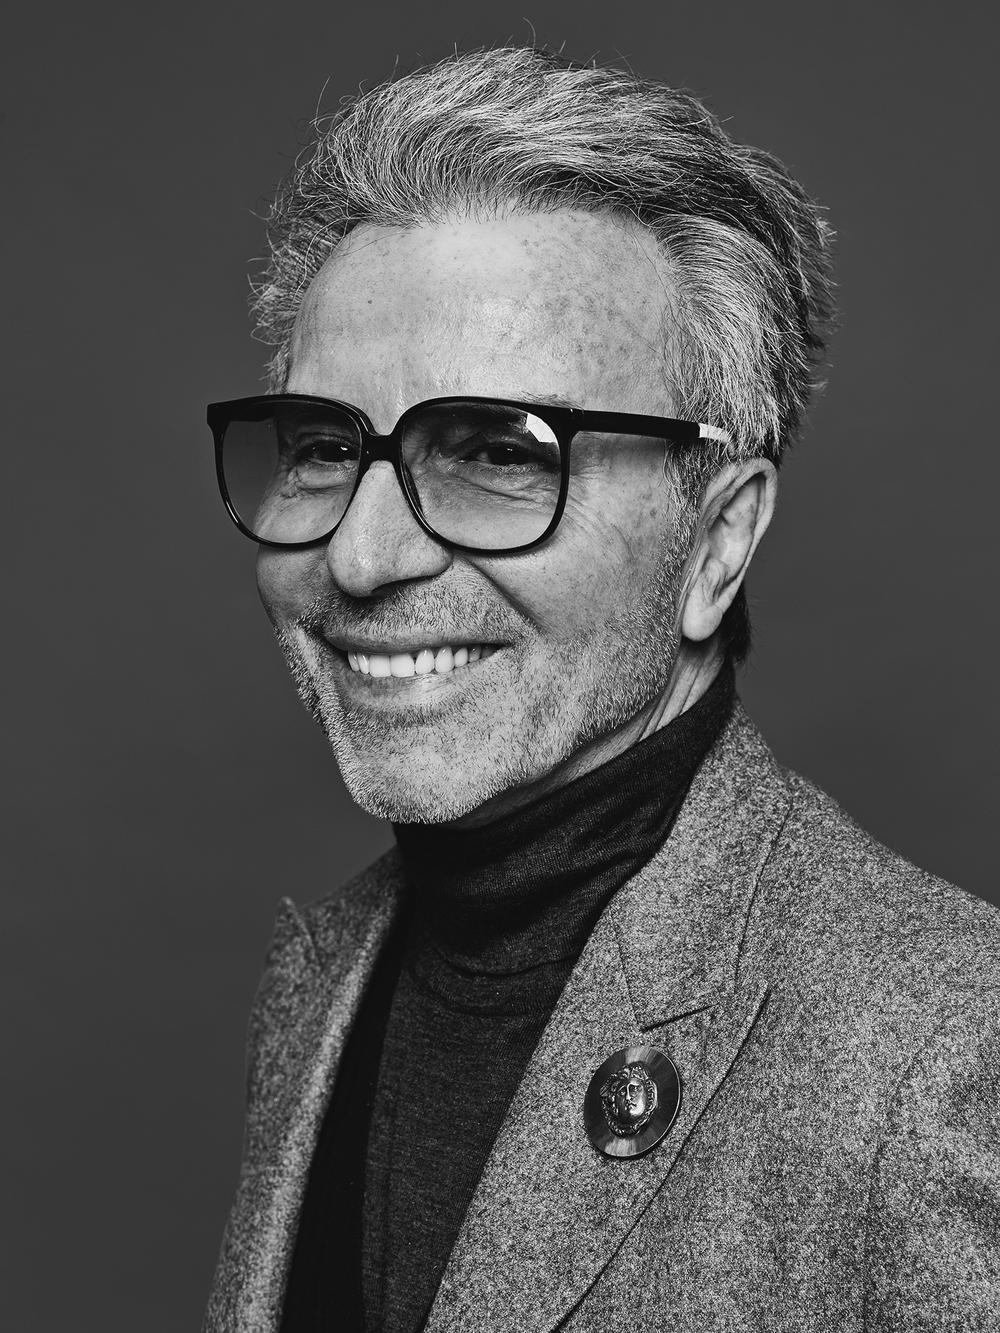 Olivier Echaudemaison, Guerlain's makeup art director